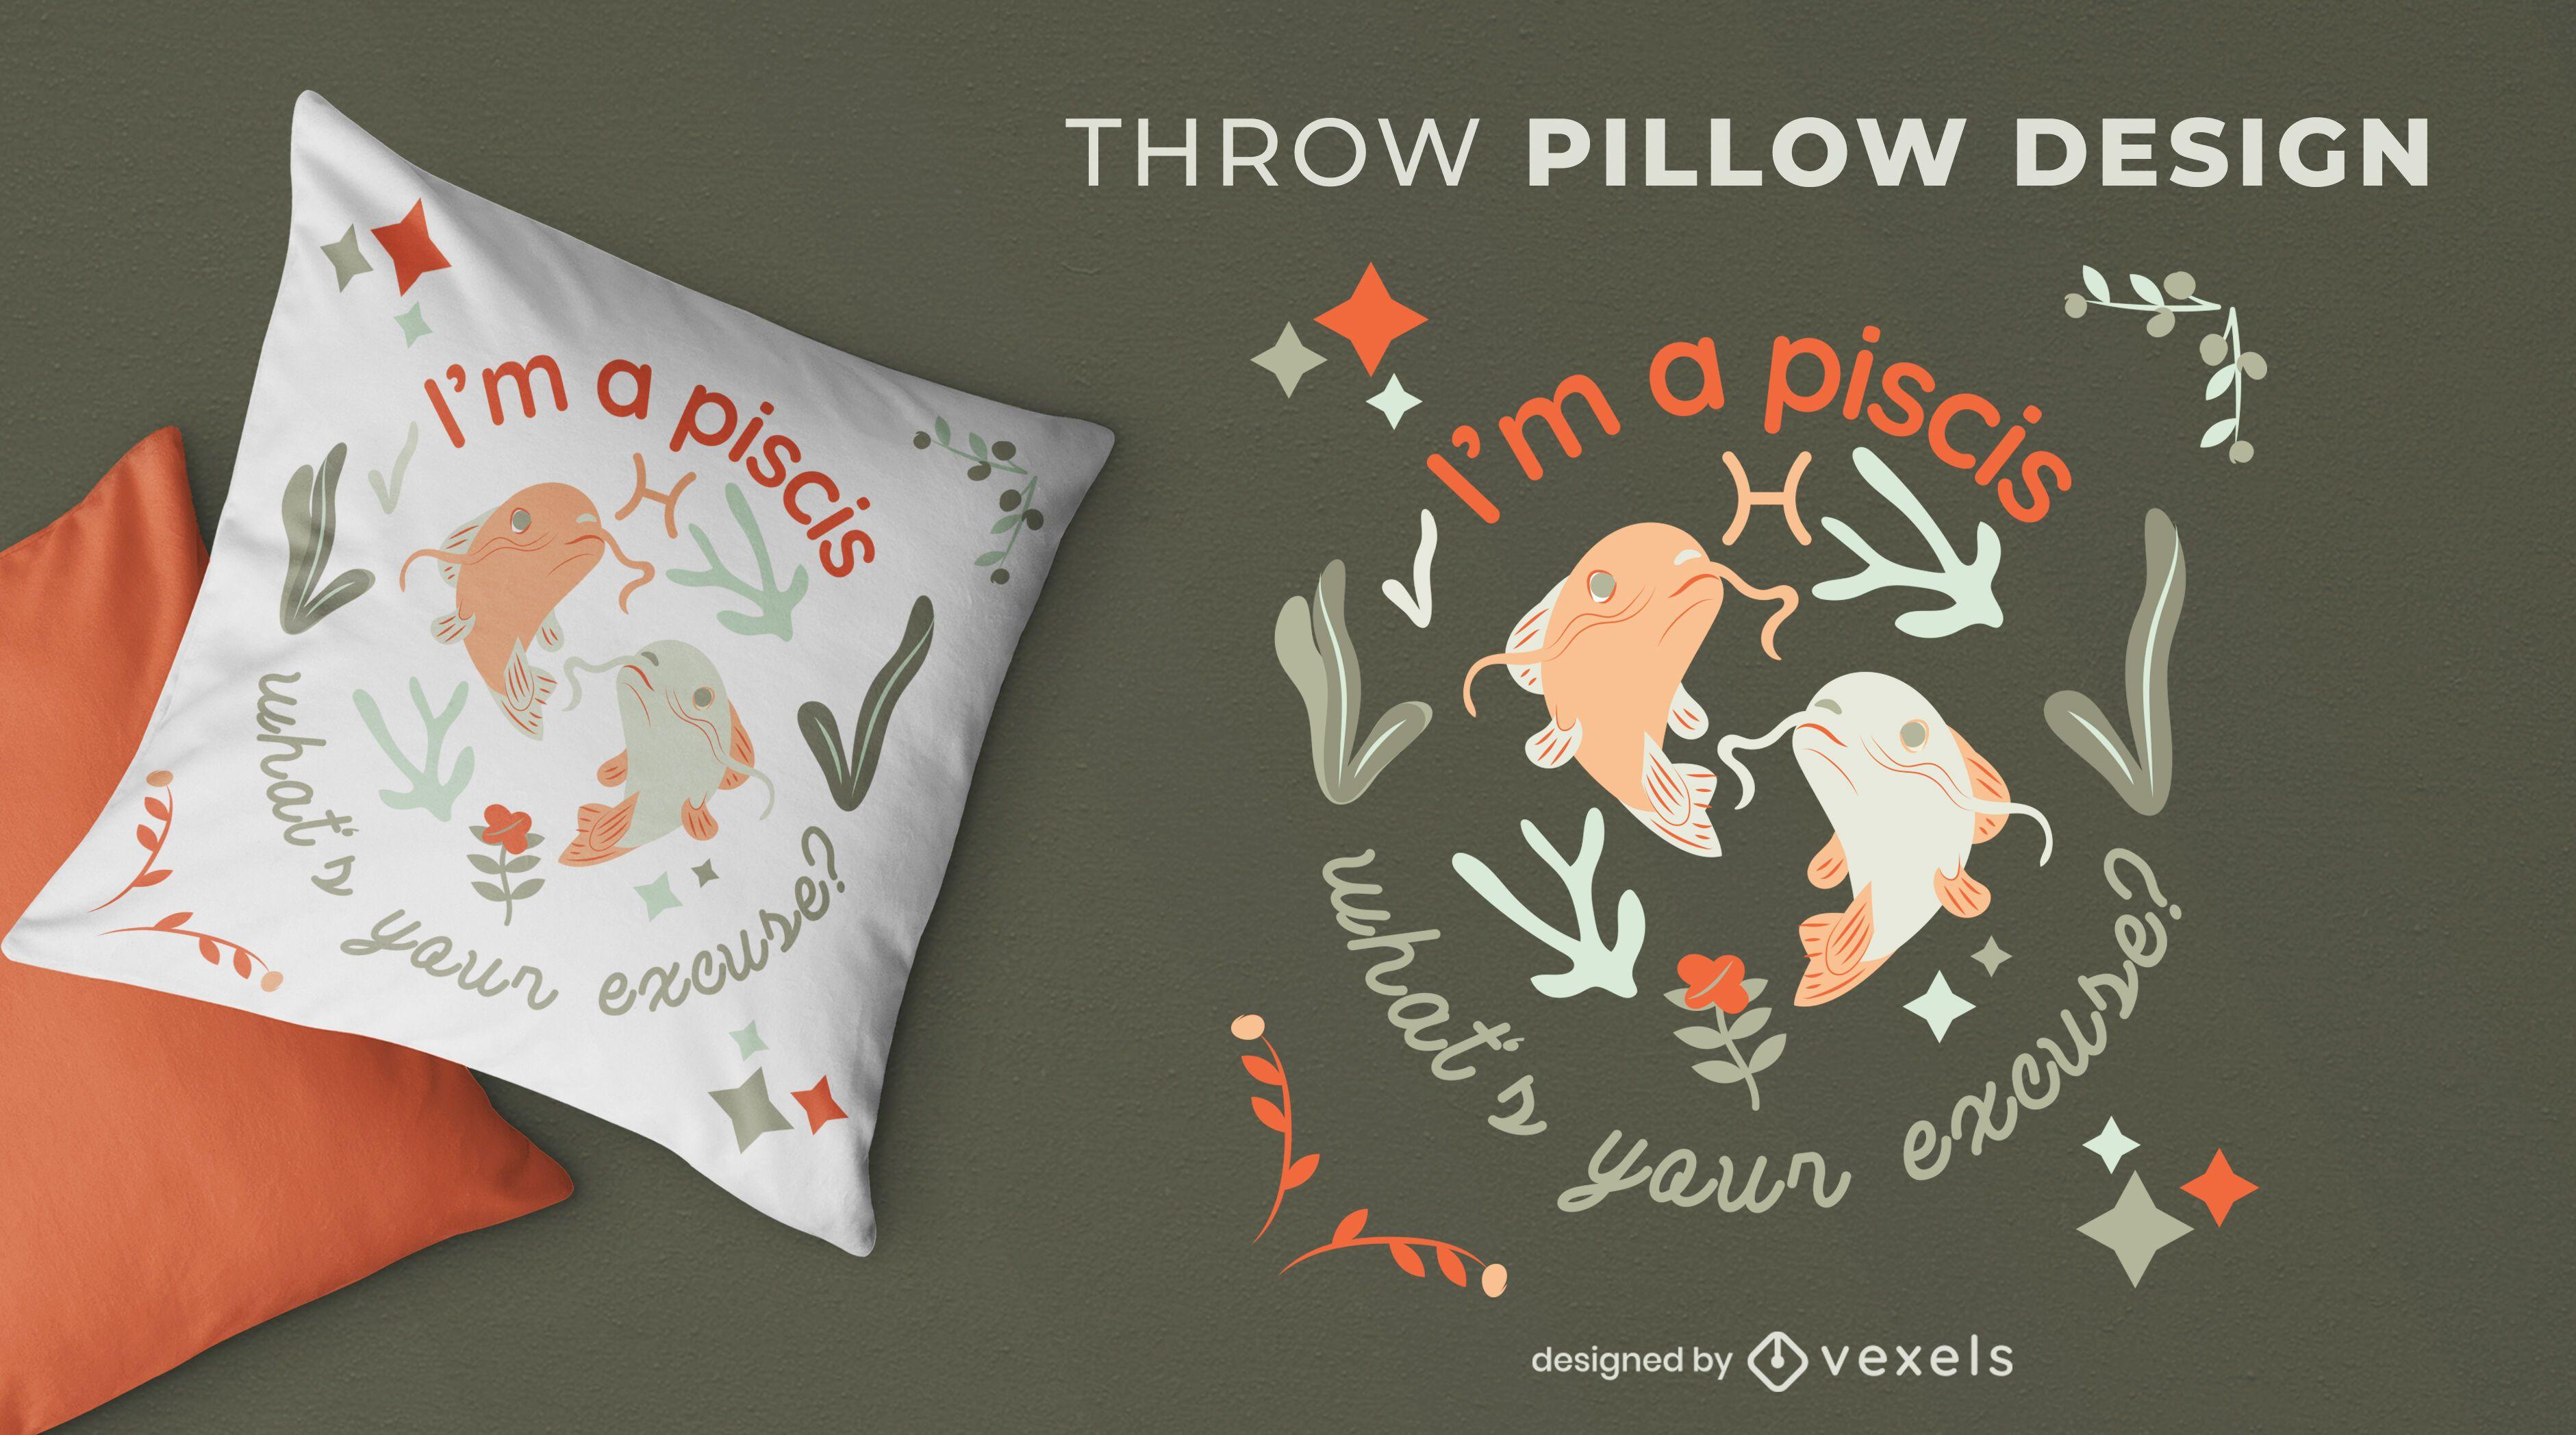 Piscis zodiac throw pillow design